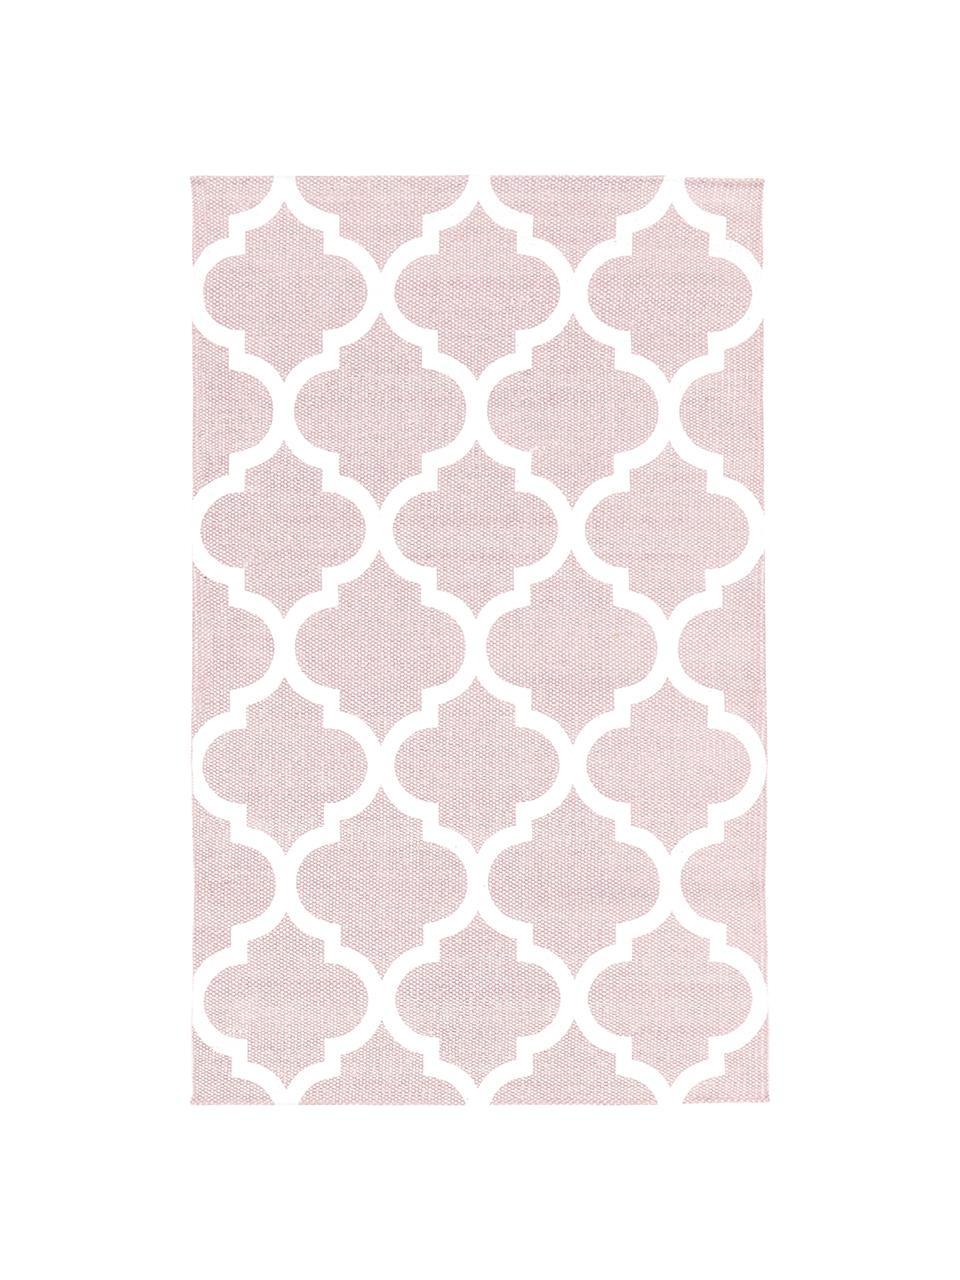 Tappeto sottile in cotone rosa/bianco tessuto a mano Amira, 100% cotone, Rosa, bianco crema, Larg. 200 x Lung. 300 cm (taglia L)